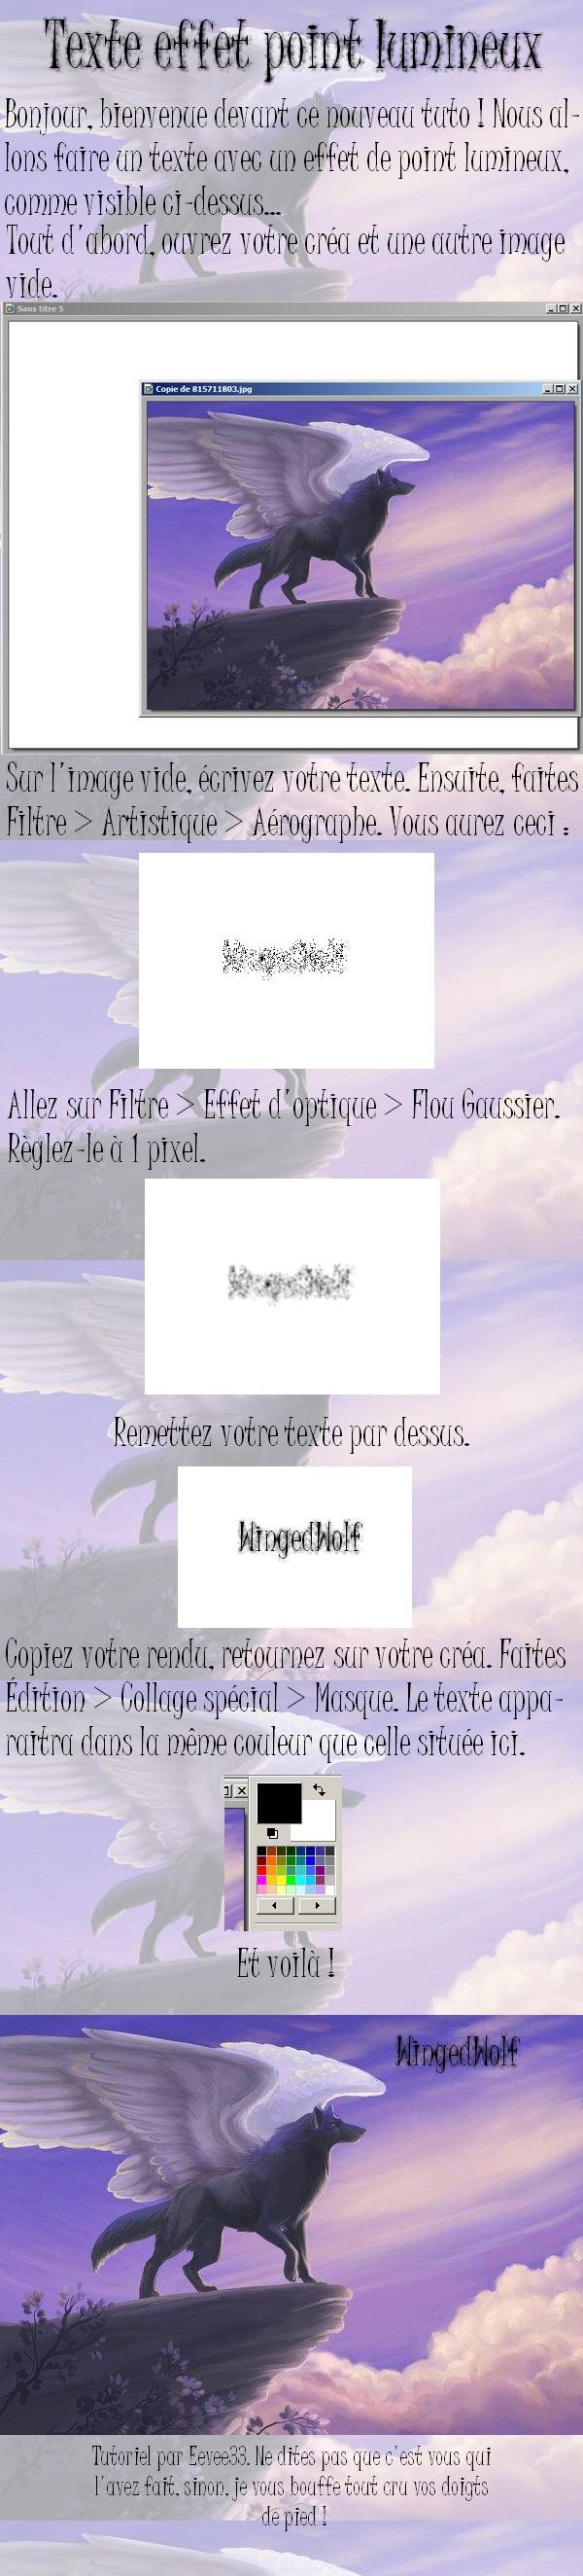 La galerie de l'Évoli sans cervelle... - Page 4 Tutoriel_effet_point_lumineux_by_eevee33-d4h62cy